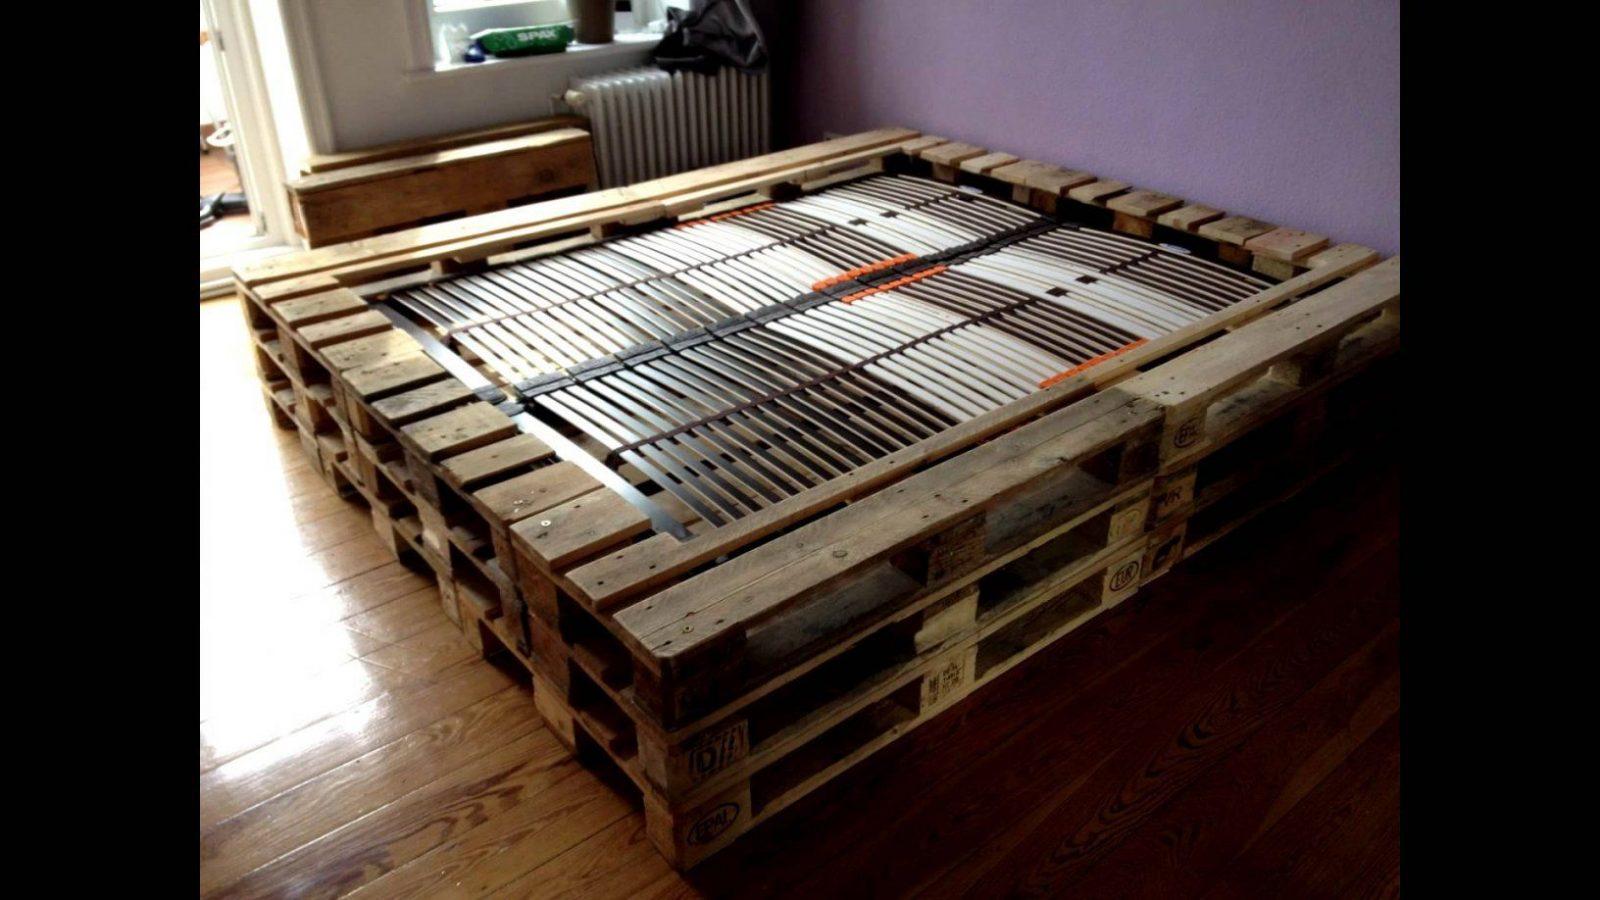 Doppelbett Aus Europaletten  Youtube von Europaletten Bett Mit Lattenrost Bild